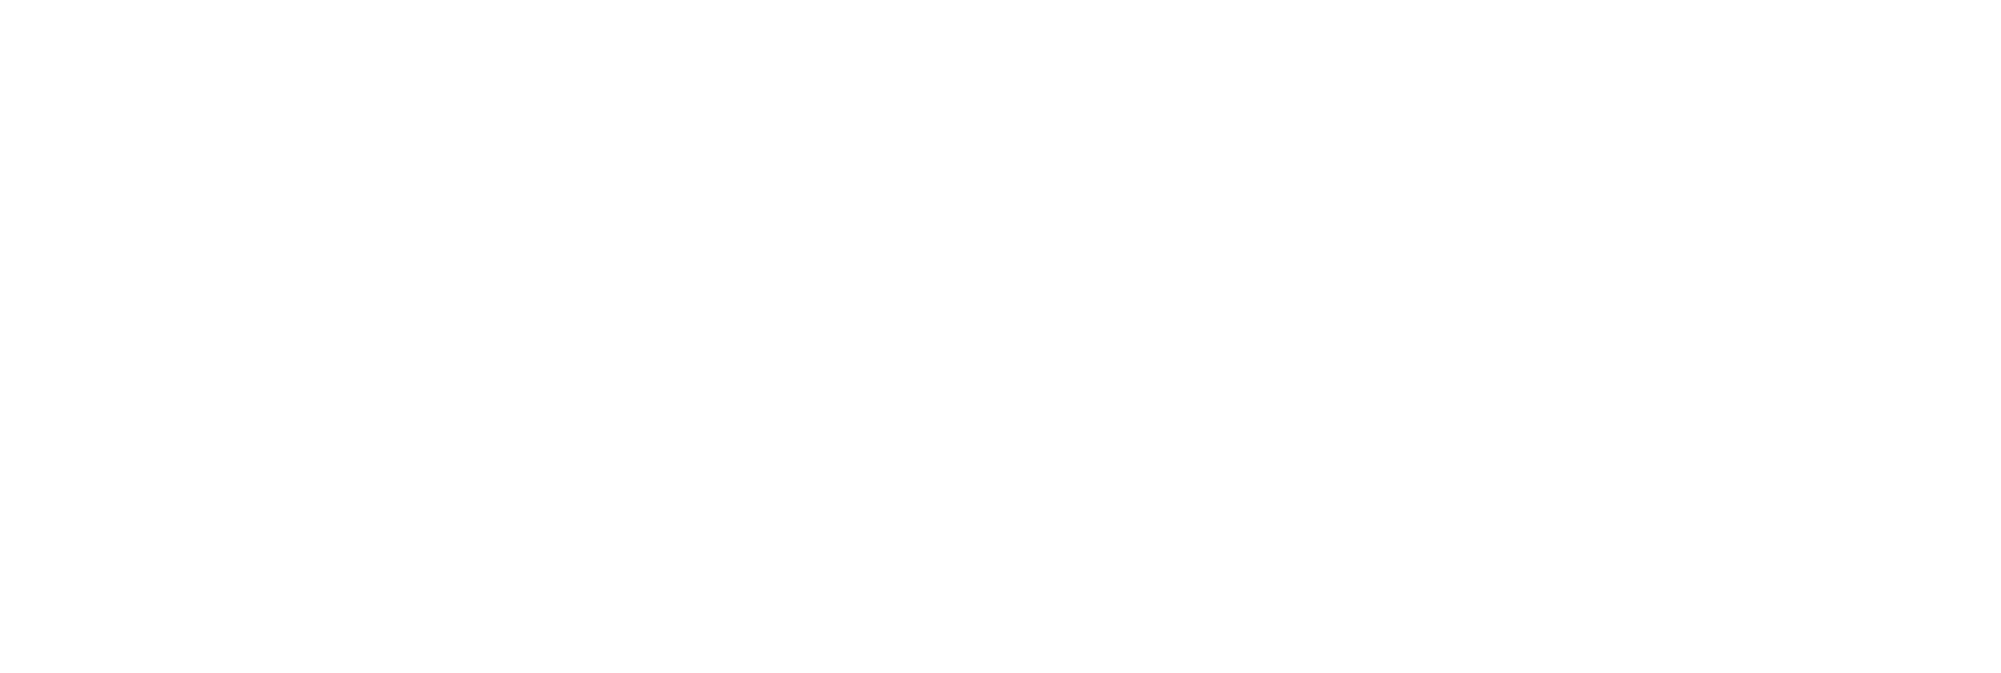 CanLab